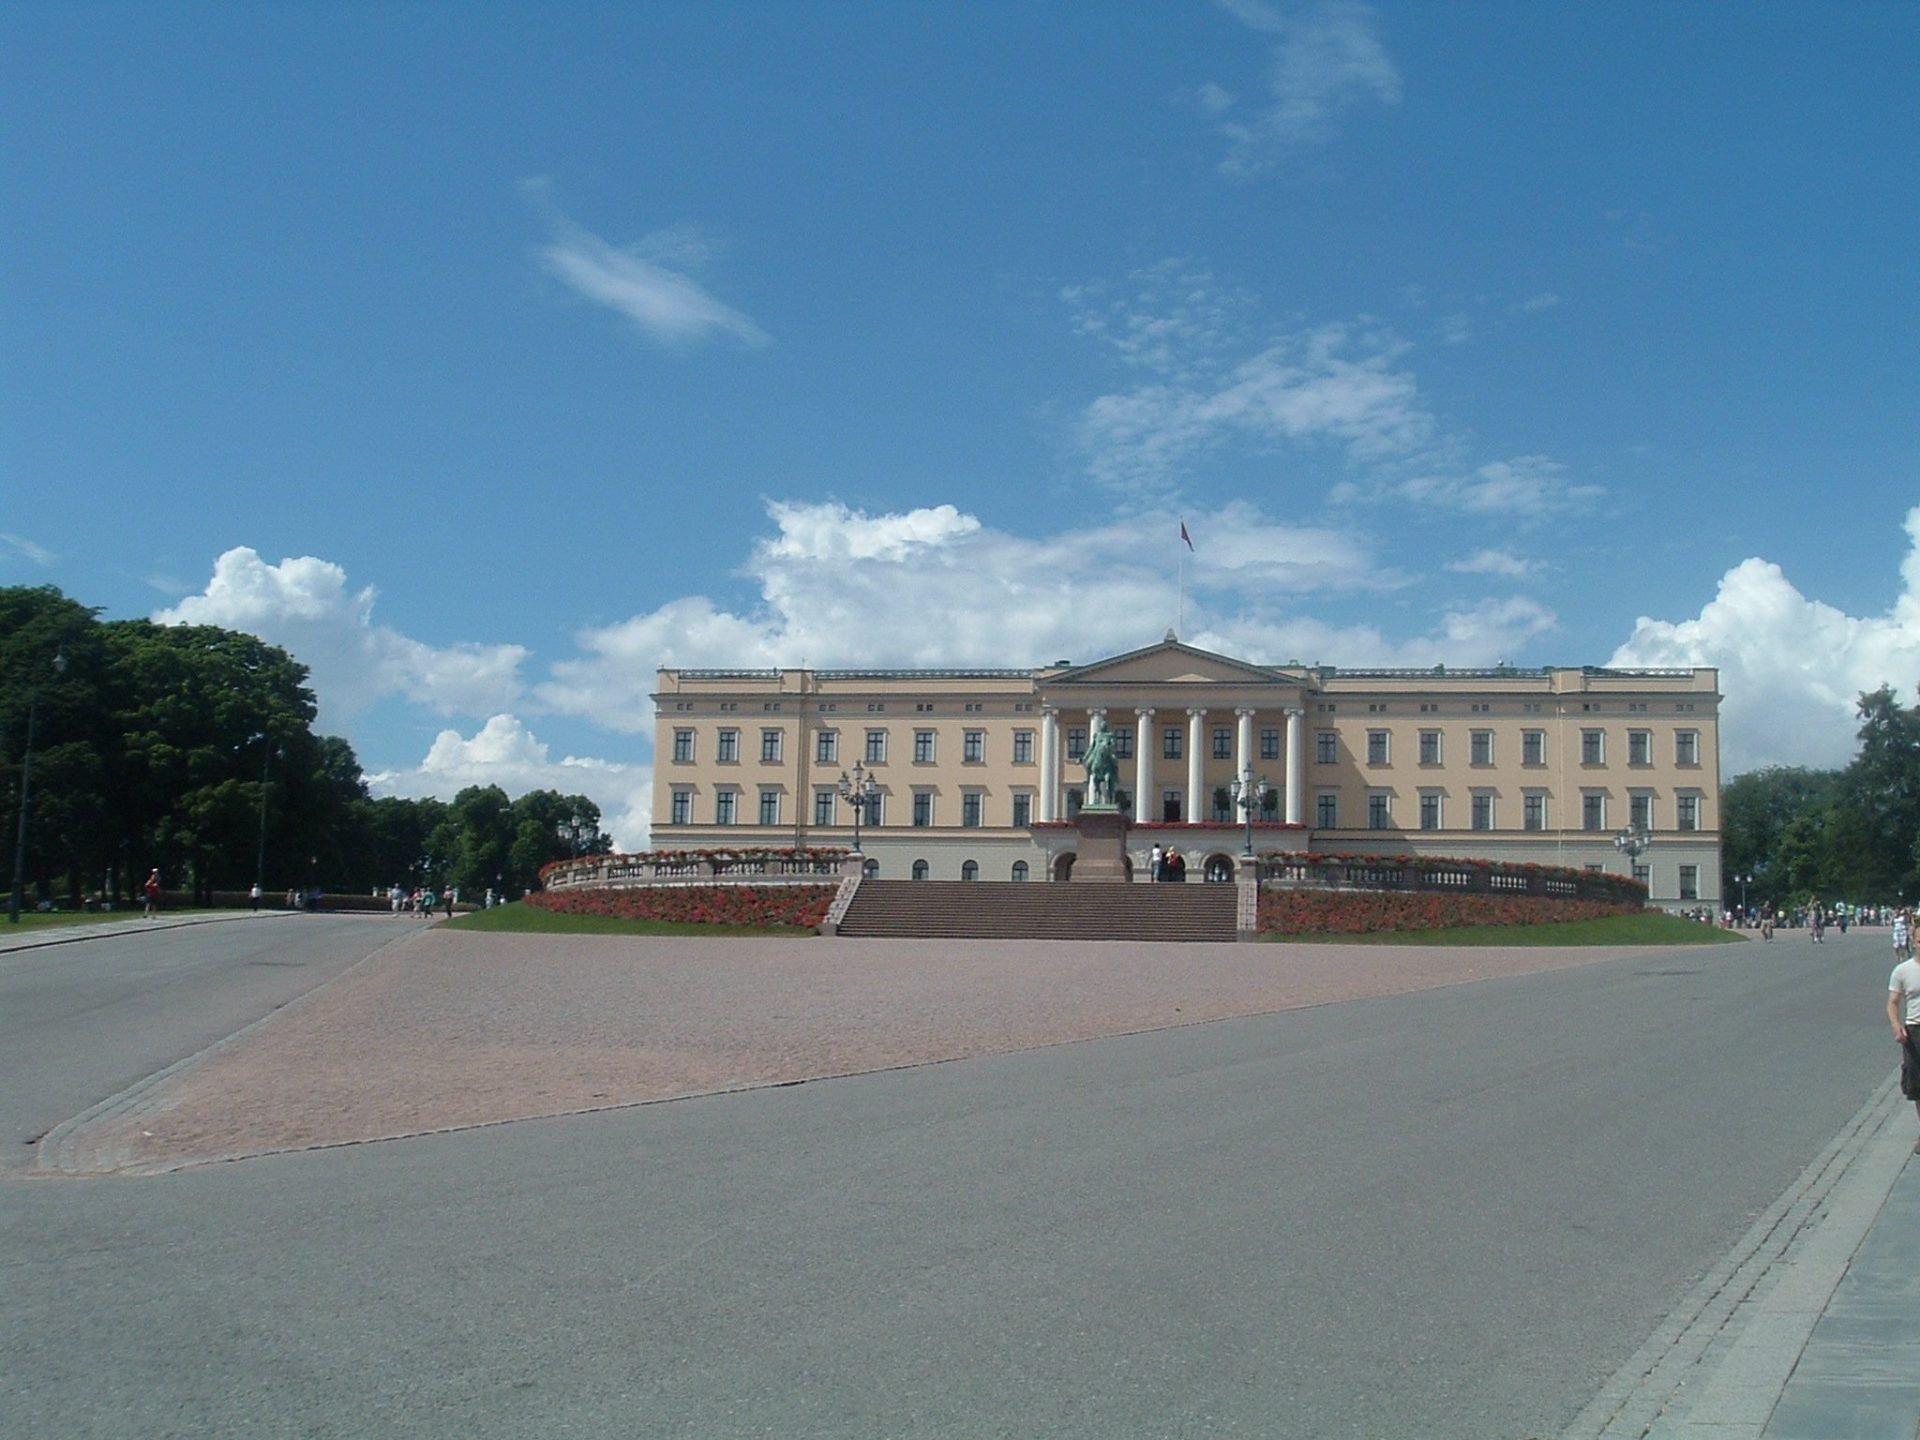 Королевский дворец, Осло, Норвегия. Июнь, 2005